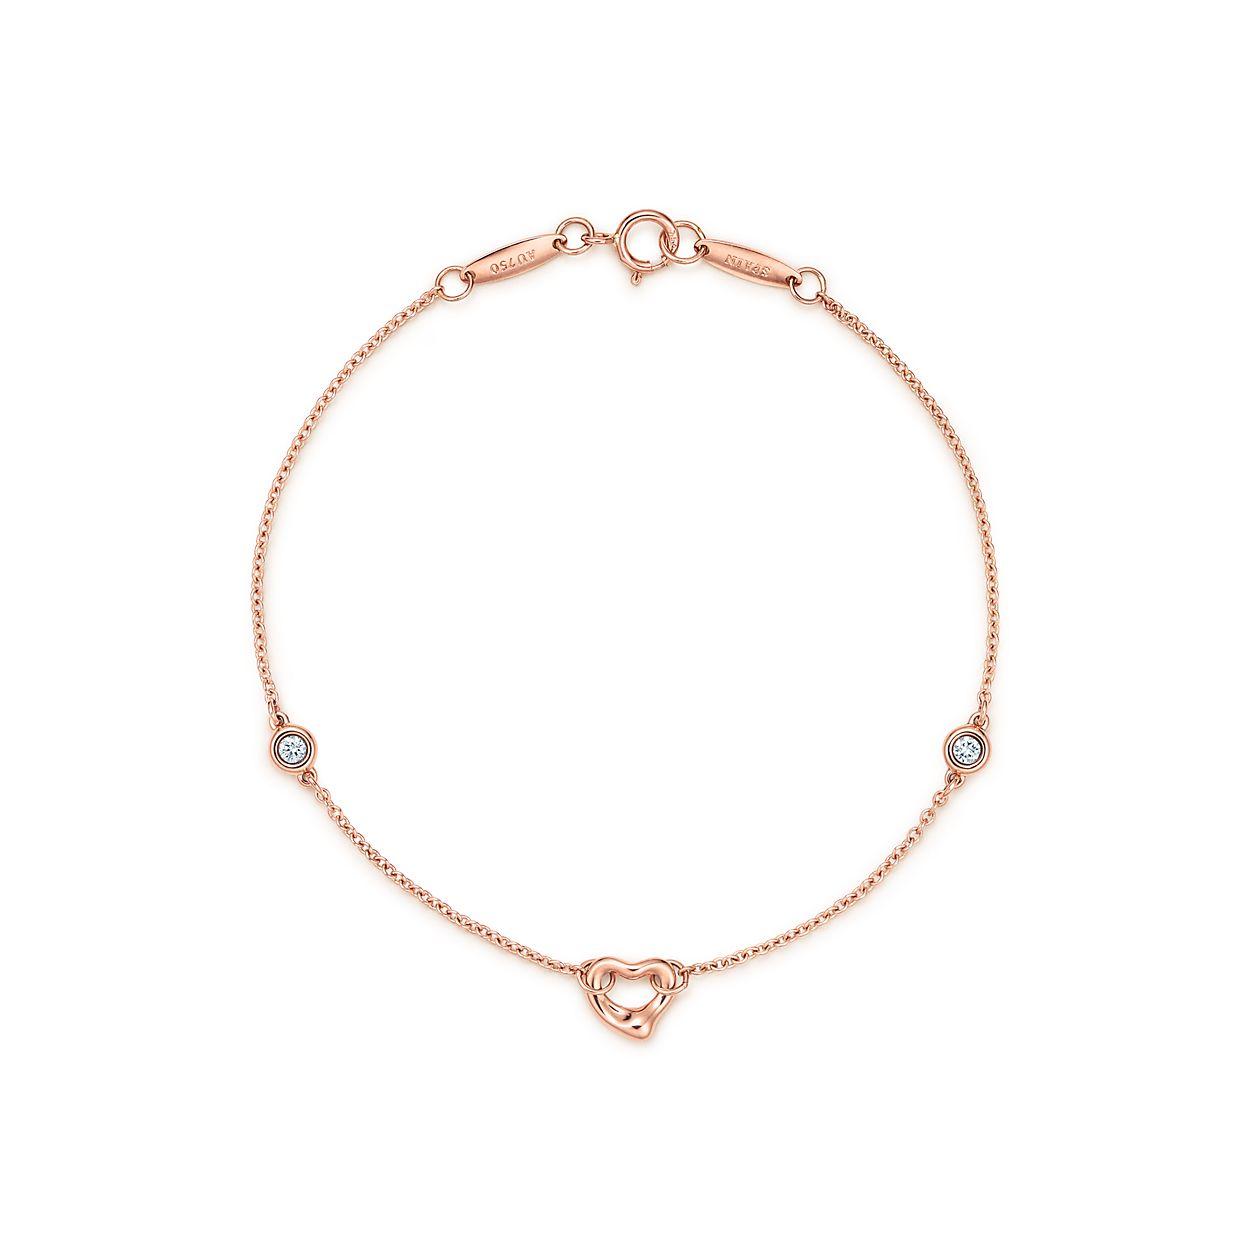 Elsa Peretti Diamonds By The Yard Br Open Heart Bracelet